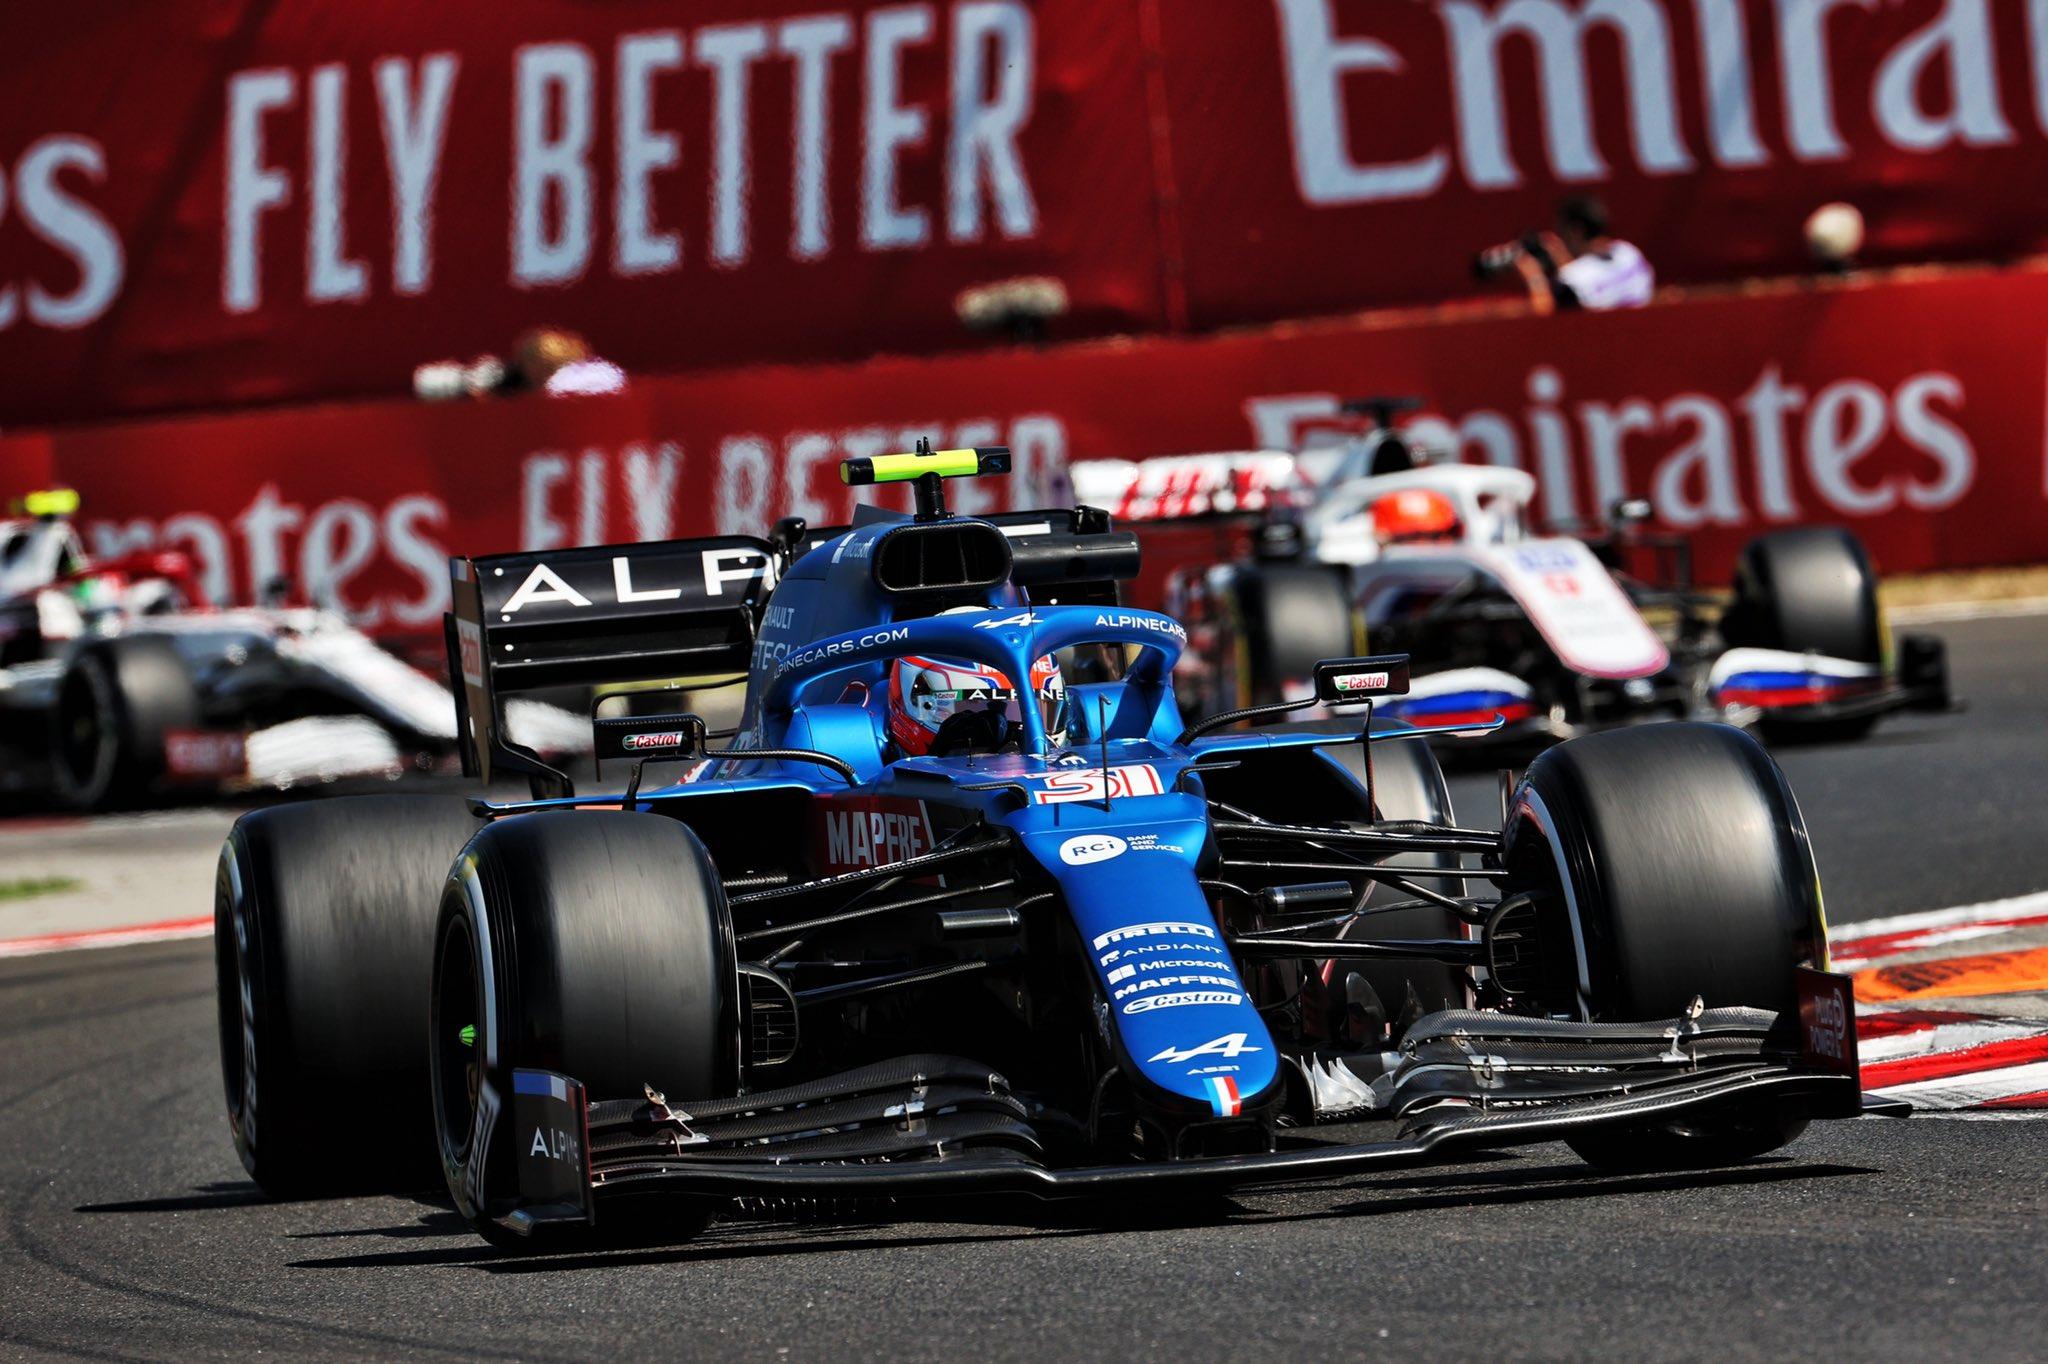 Gara Gp Ungheria: Ocon vince una gara pazza, Vettel e Hamilton a podio.